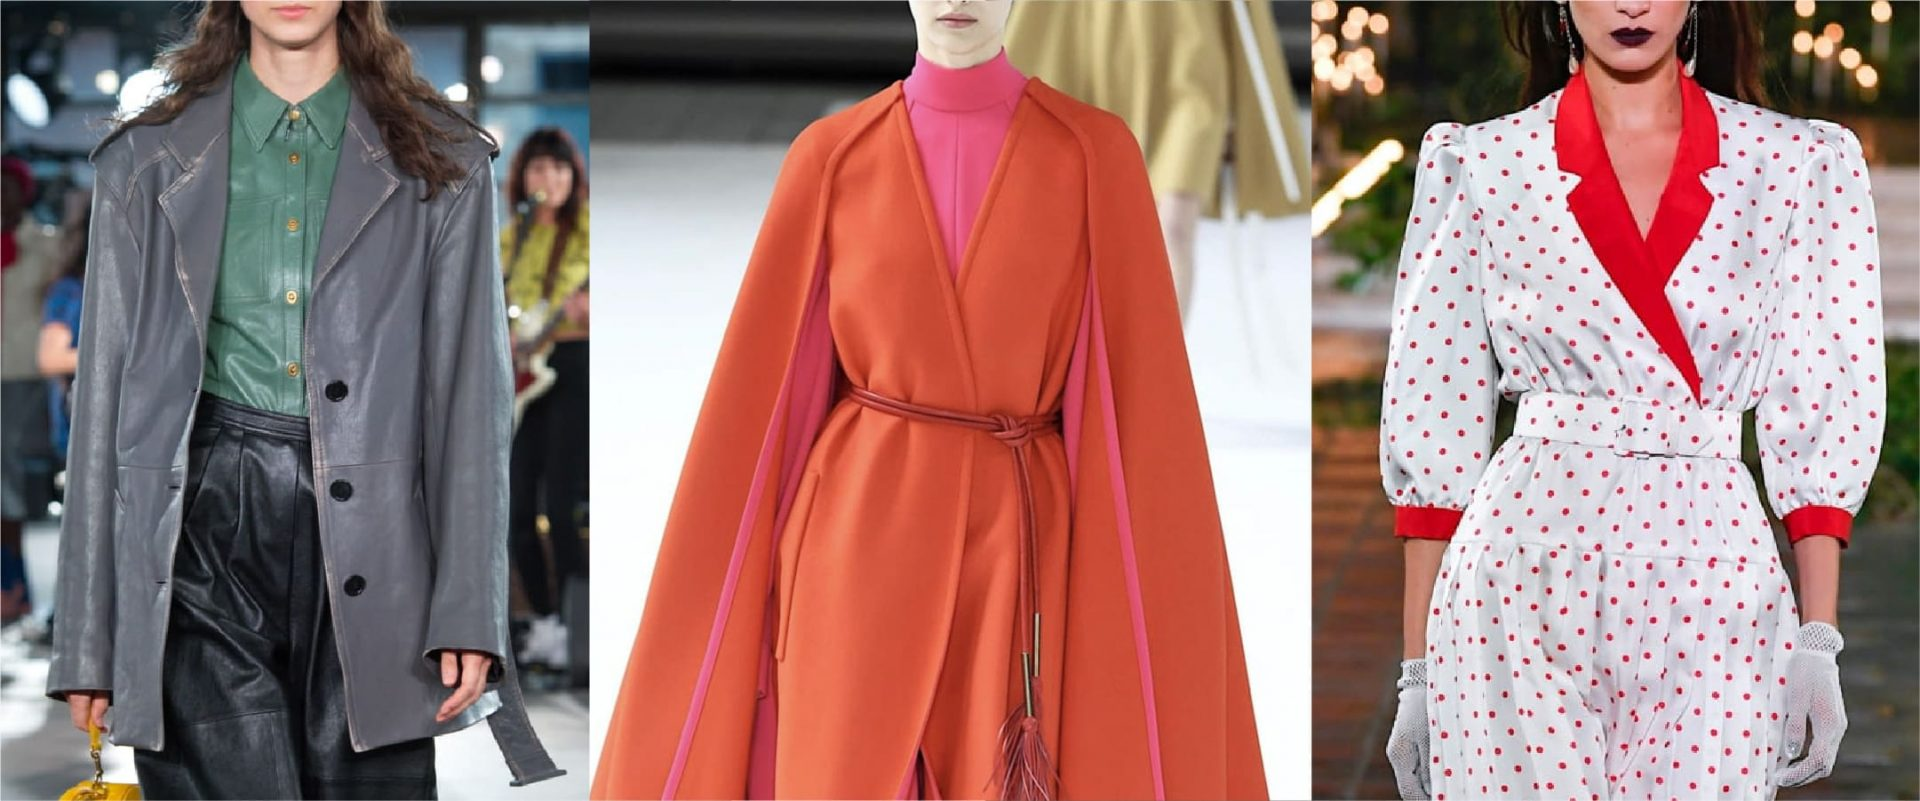 NY Fashion week : on vous annonce déjà les tendances automne-hiver 2020-2021